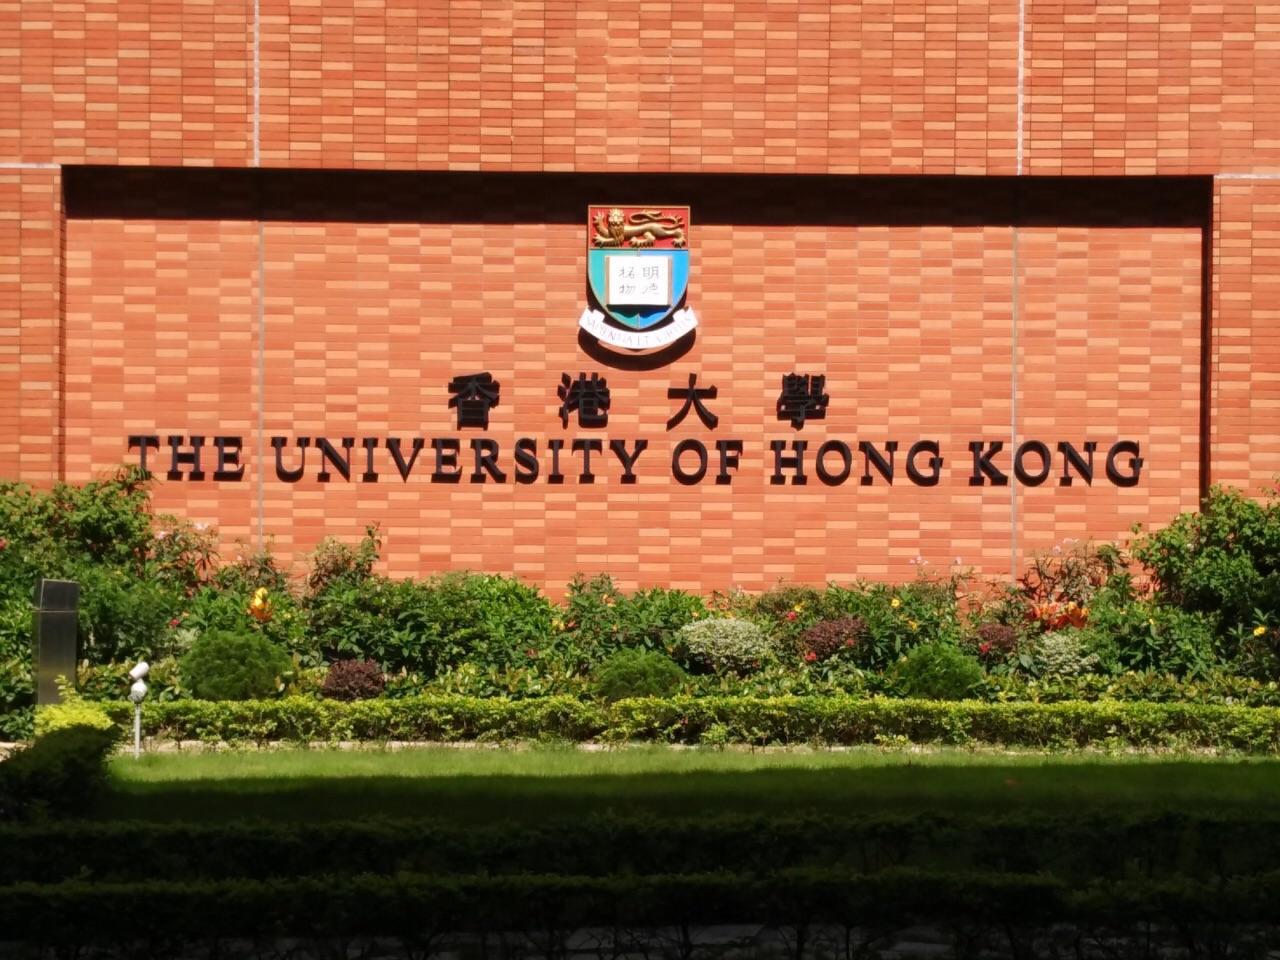 不吹不黑!香港留学,一年到底需要准备多少钱?(图2)